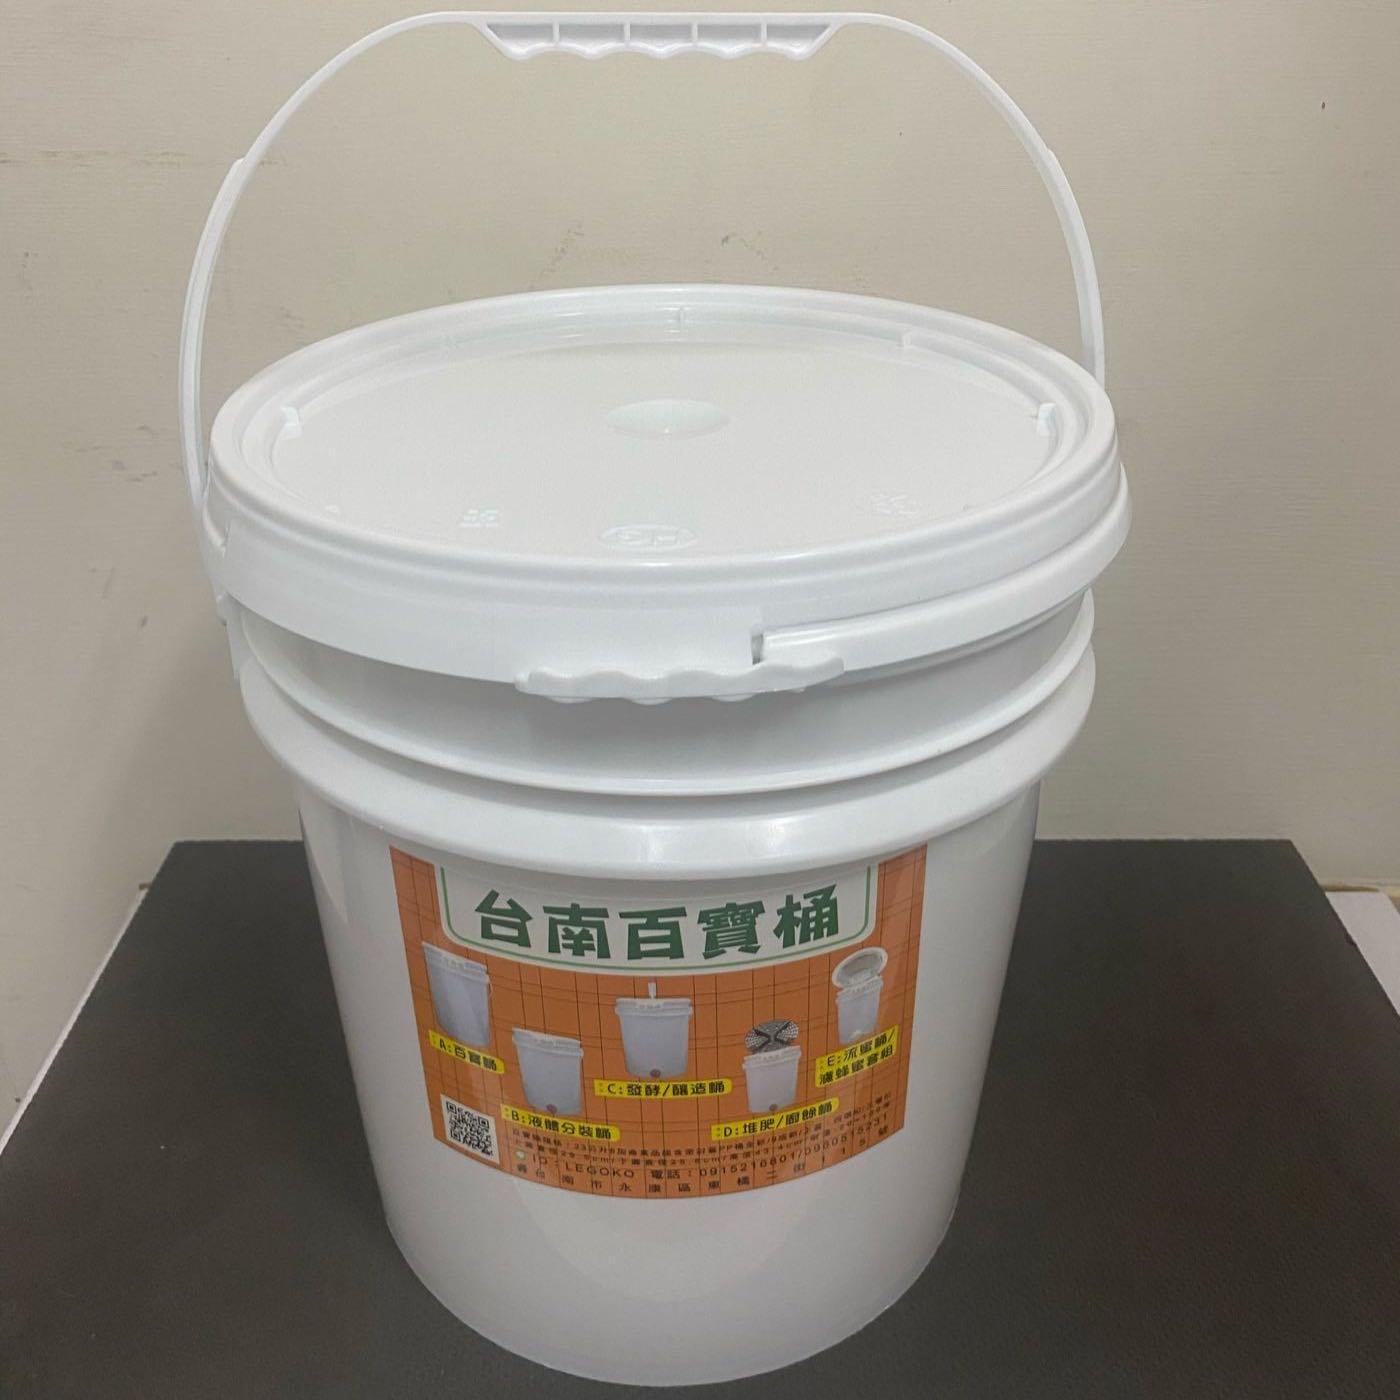 台南百寶桶 10公升密封桶全新出售 紅白灰桶/油漆/白桶/提桶/水桶/PP桶/食品級塑膠桶/工業用桶/化學液體桶/酵素